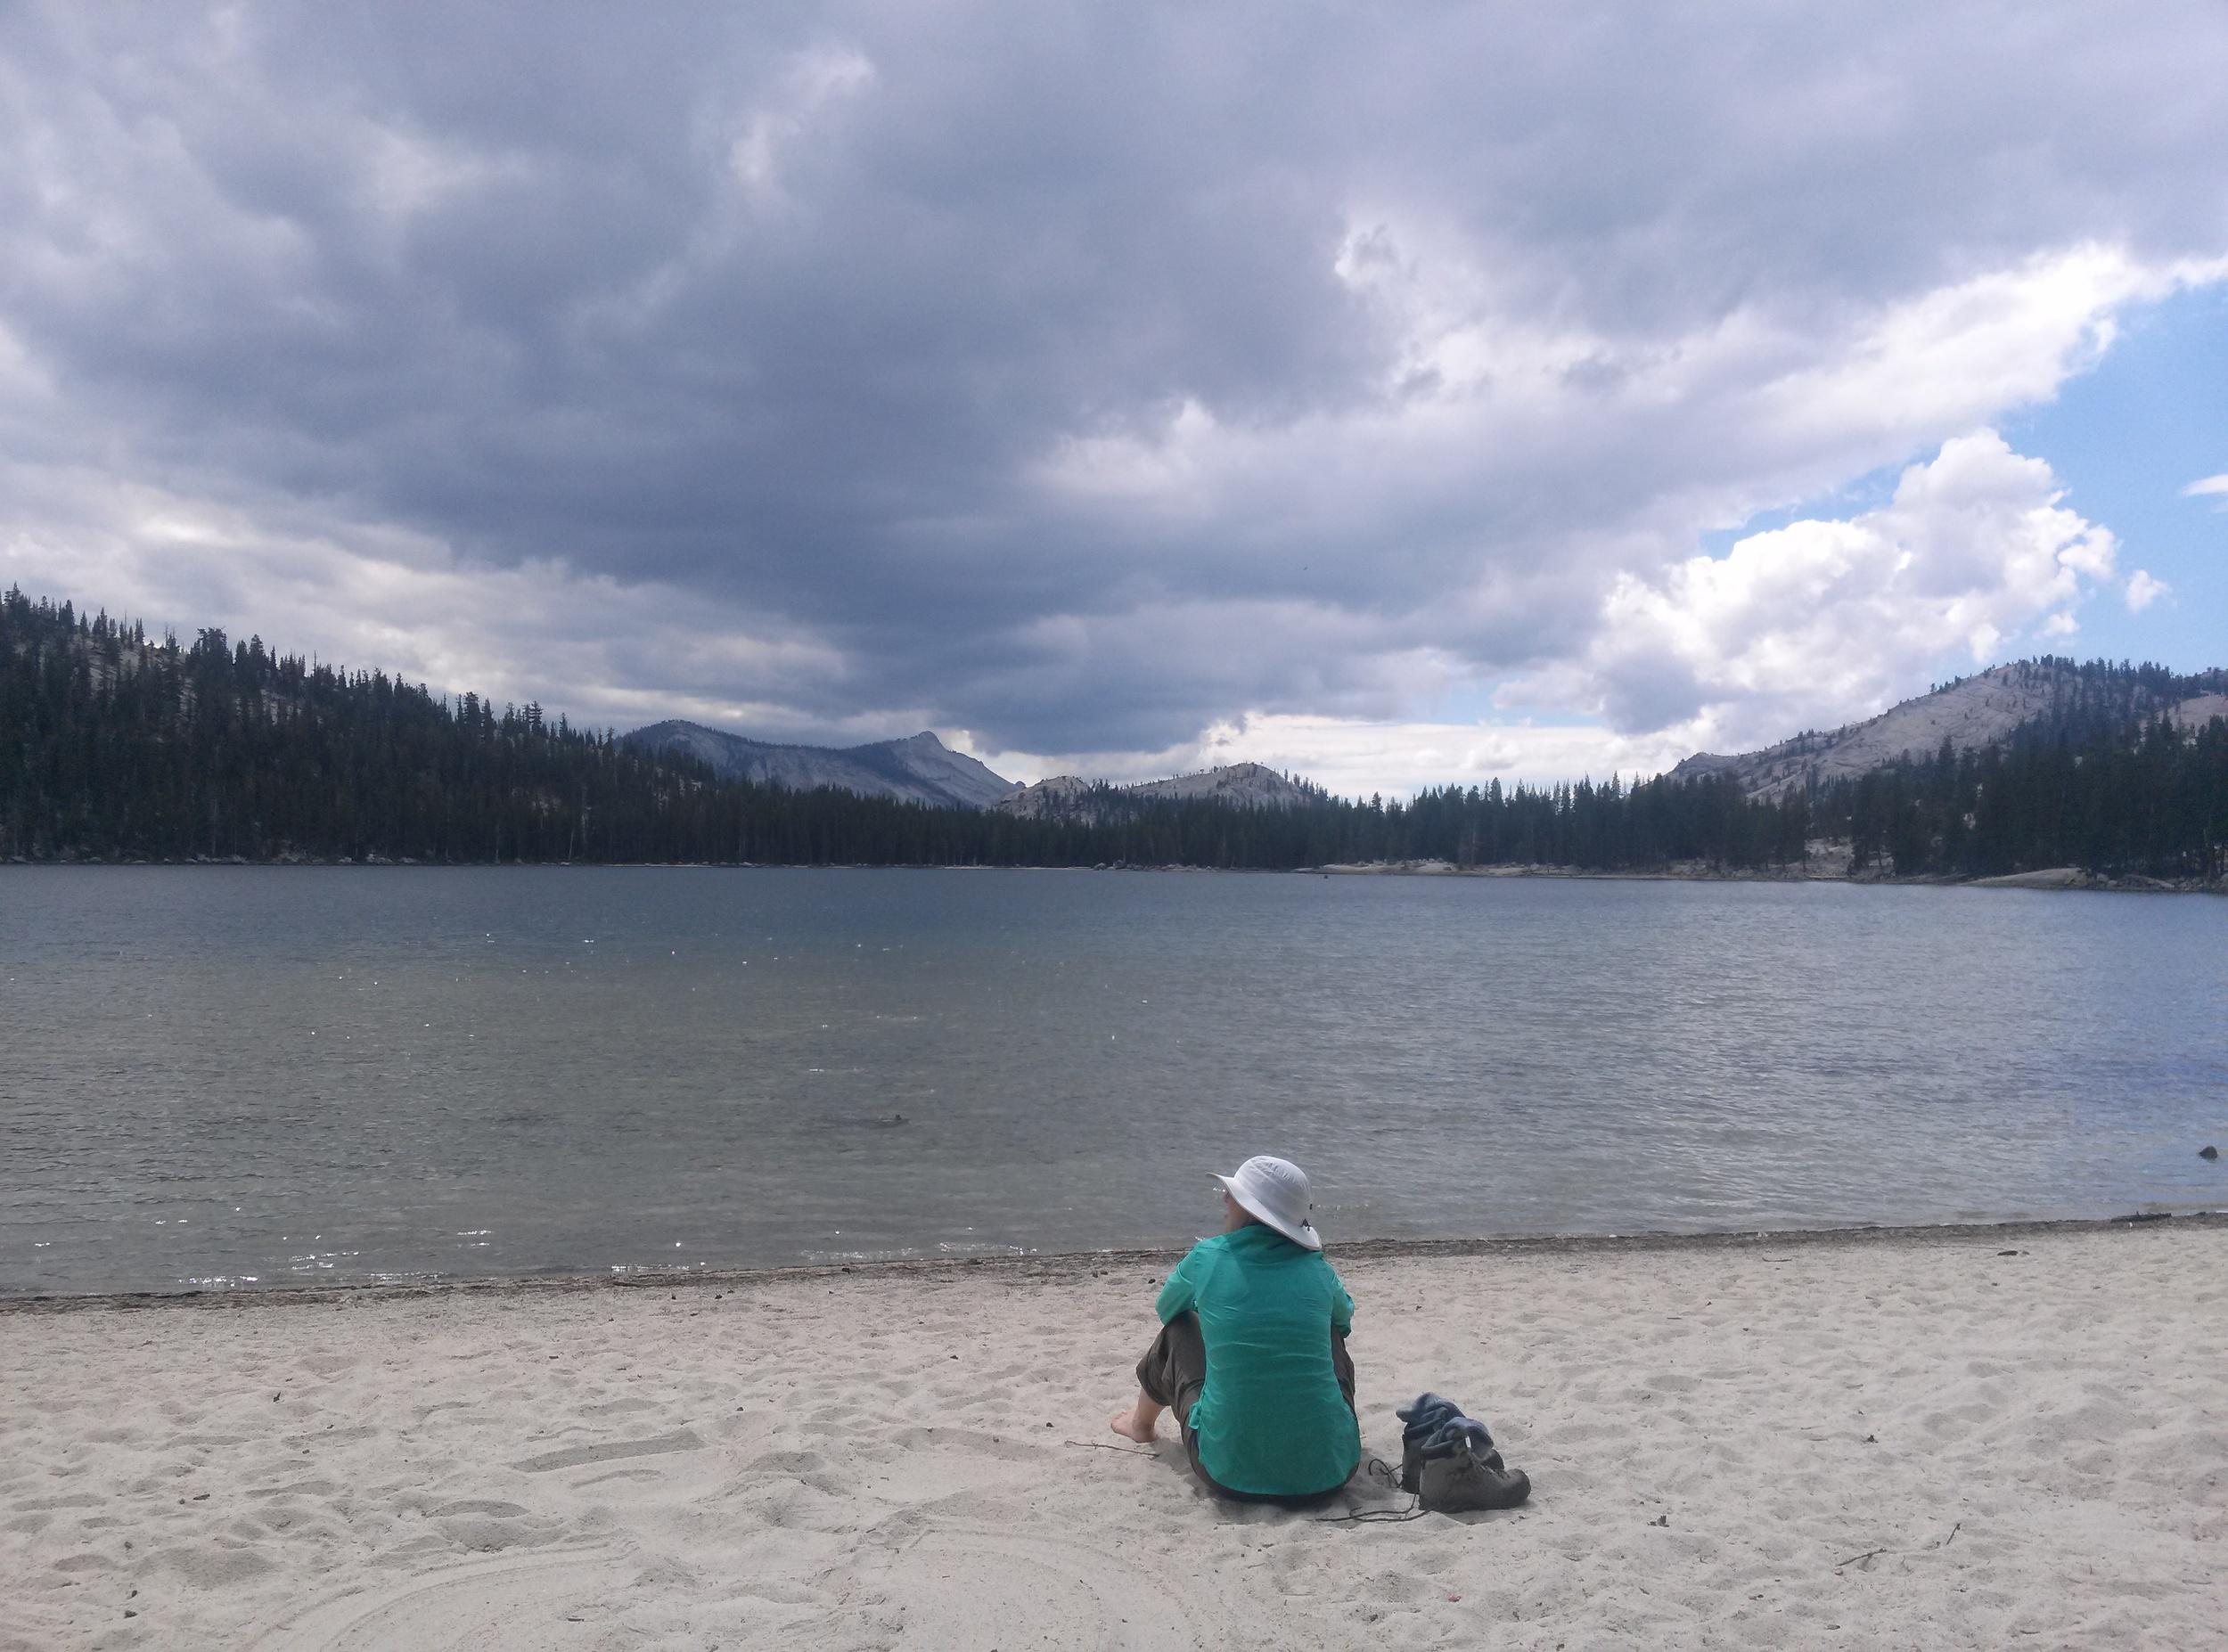 Lindsey at Tenaya Lake